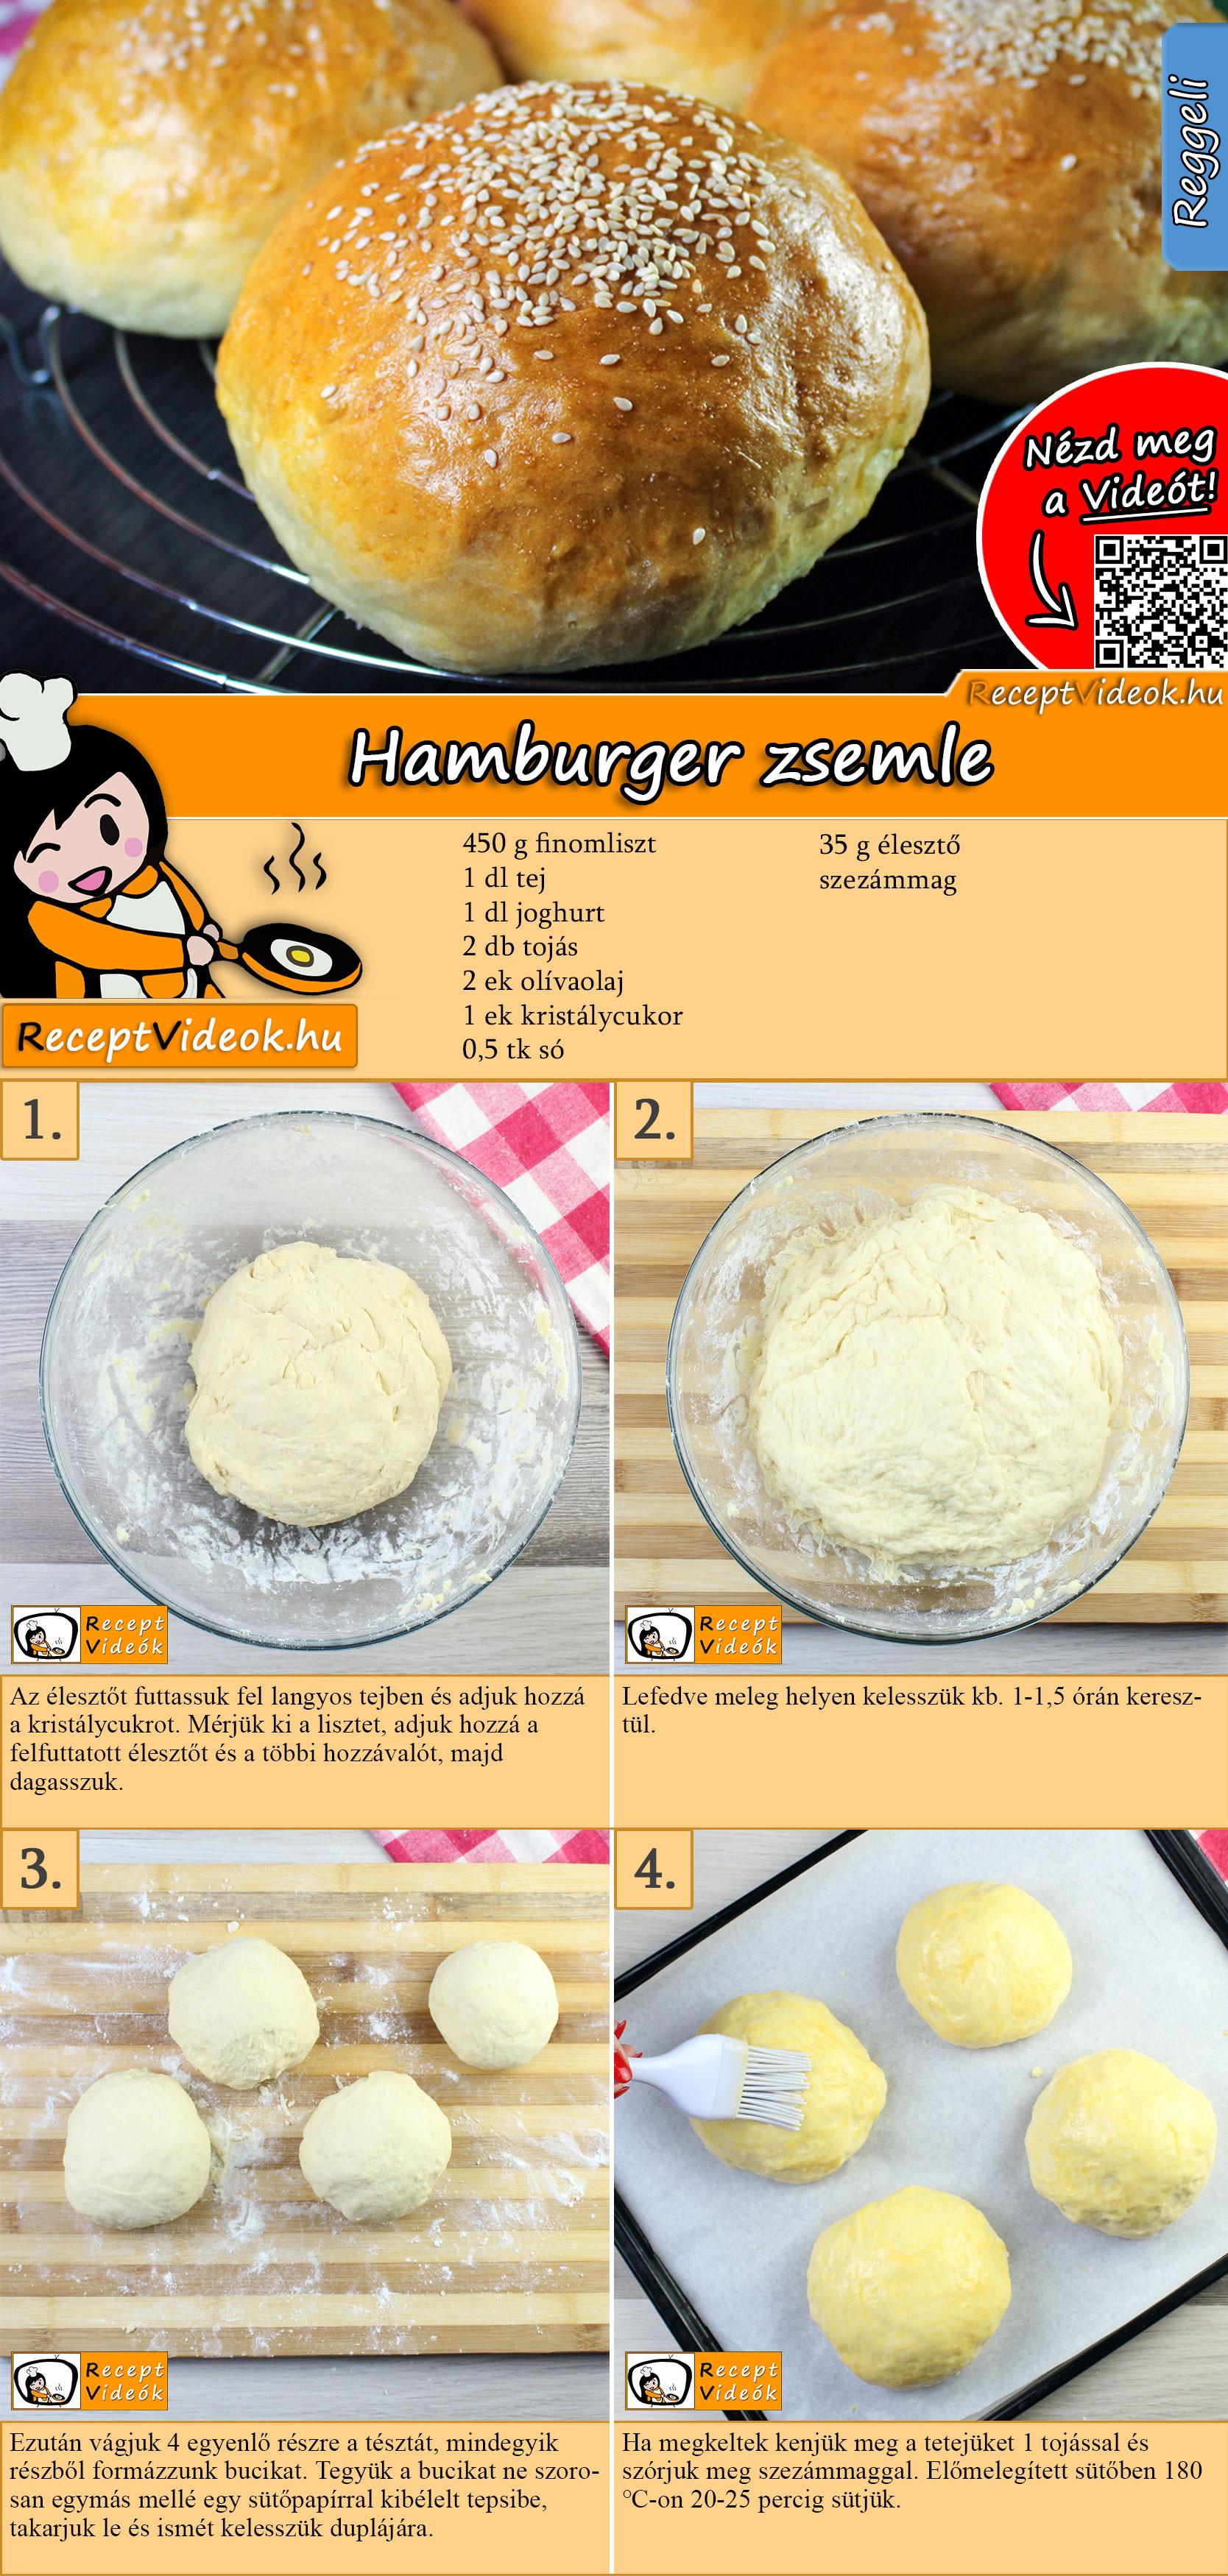 Hamburger zsemle recept elkészítése videóval